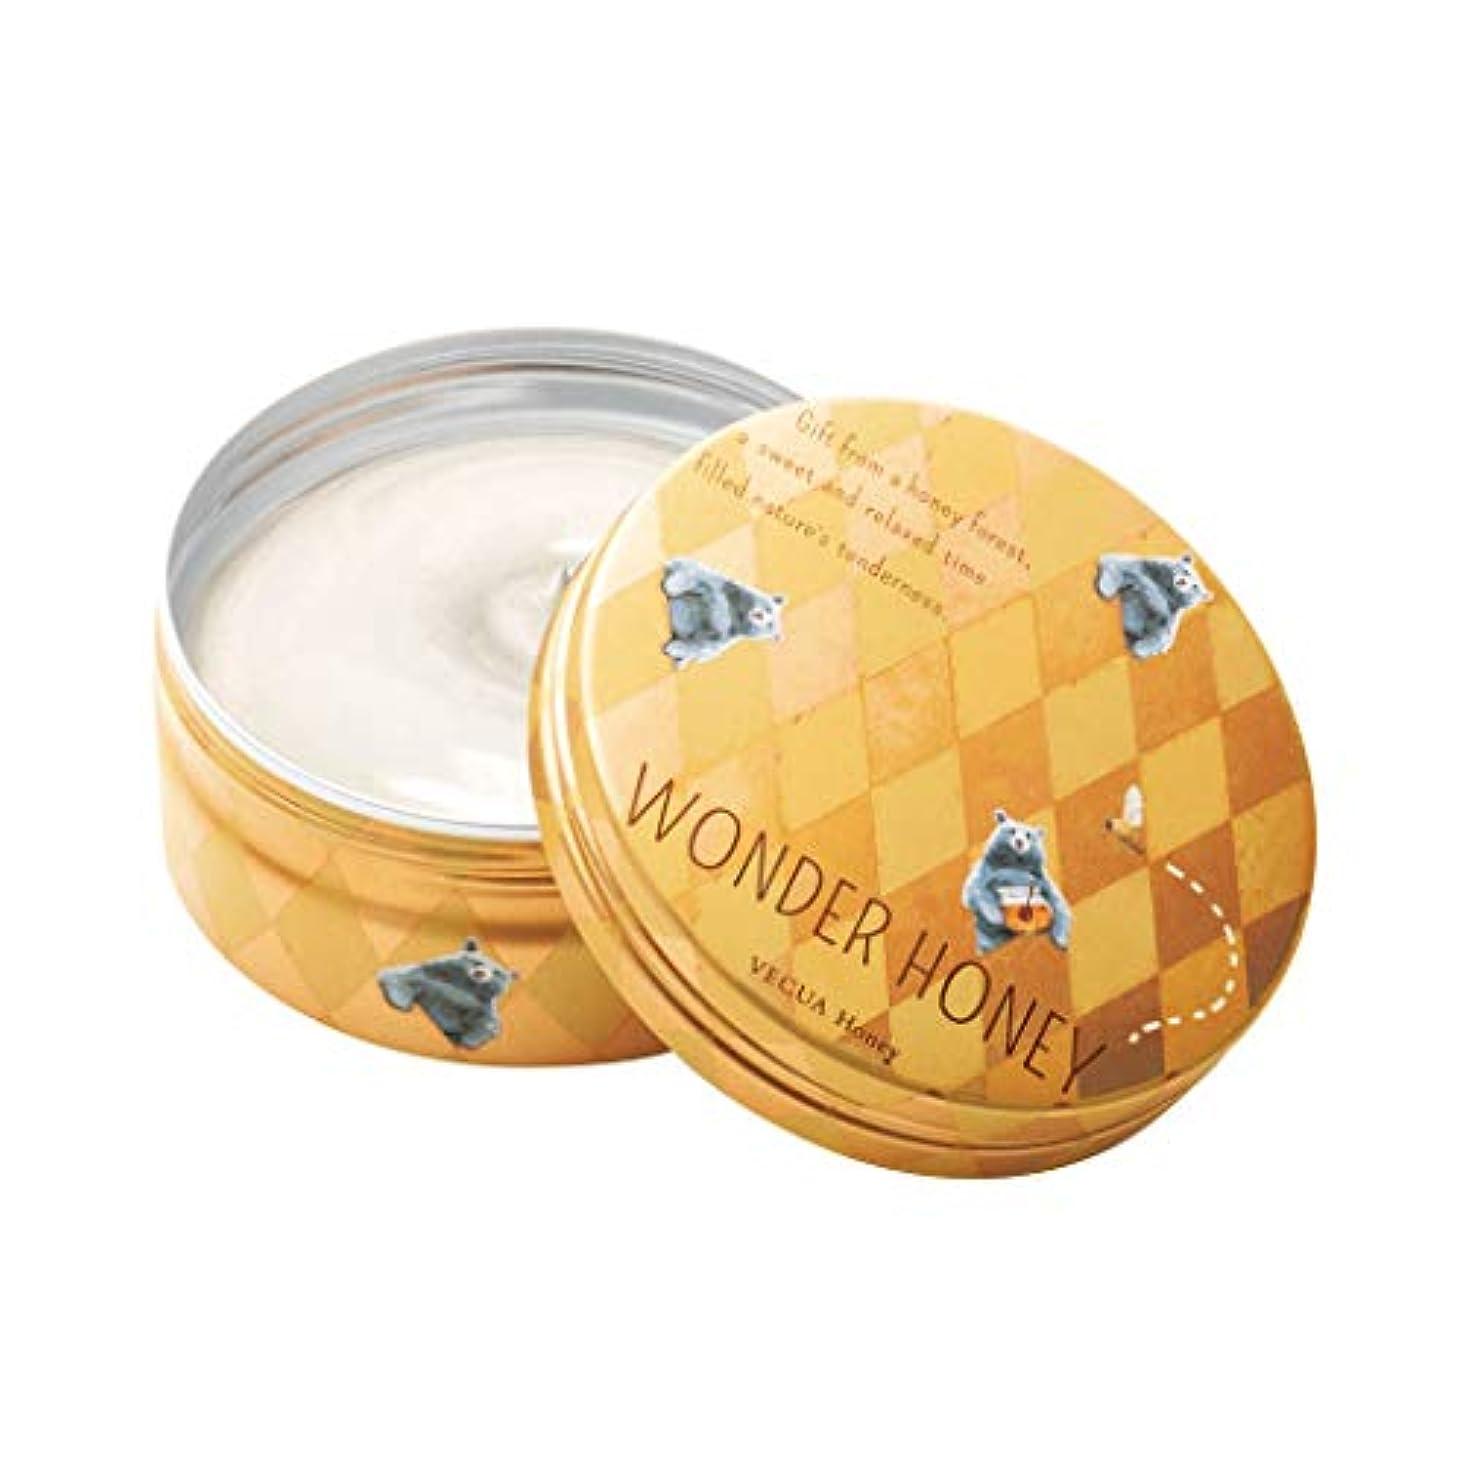 簿記係ペナルティ学習ベキュア ハニー(VECUA Honey) ワンダーハニー 濃蜜マルシェのクリームバーム アーガイル 75g